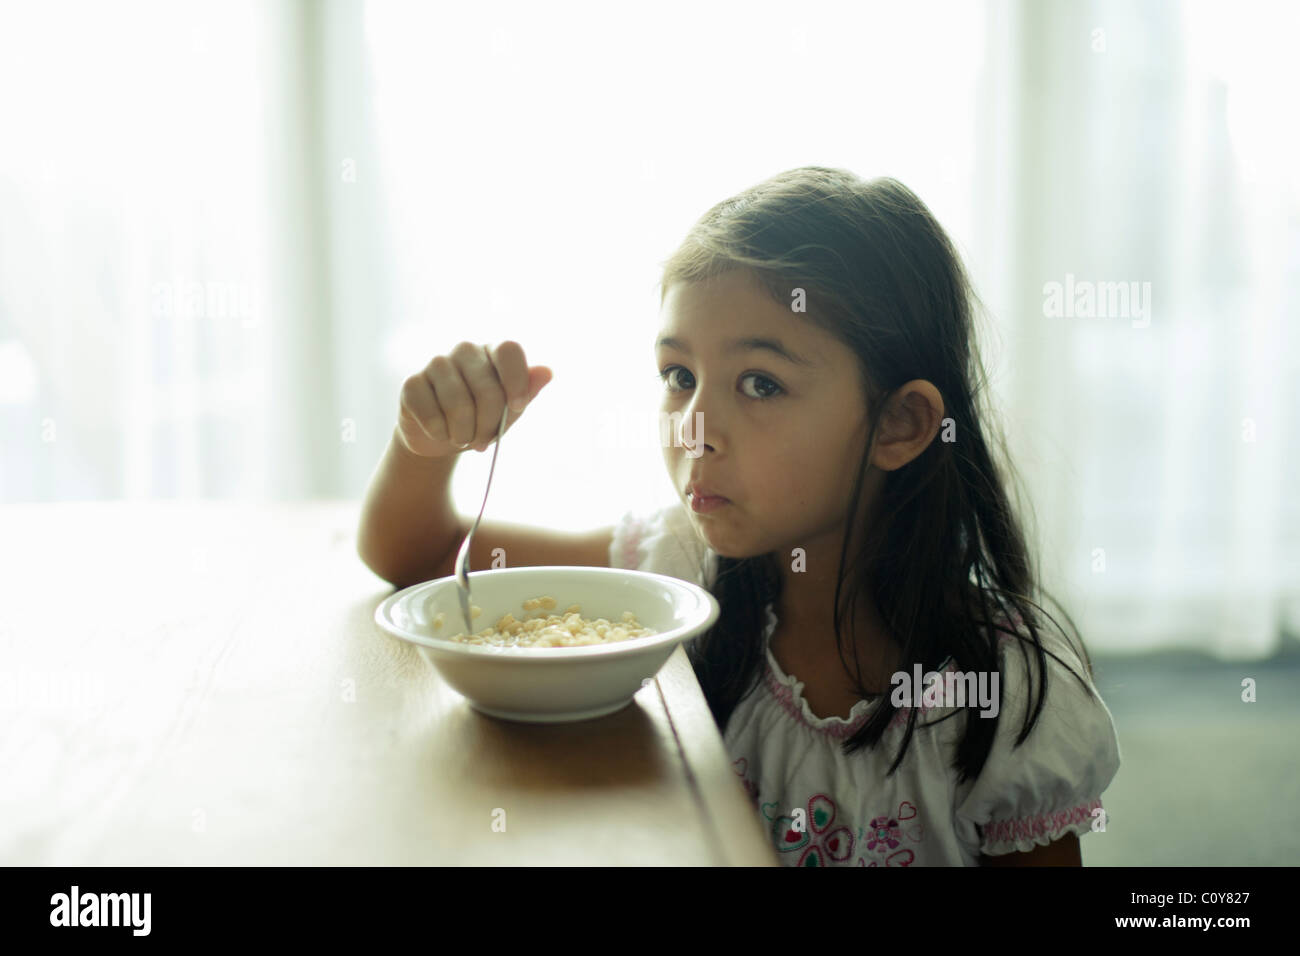 Ni a de seis a os con taz n de cereales para el desayuno for Tazon cereales